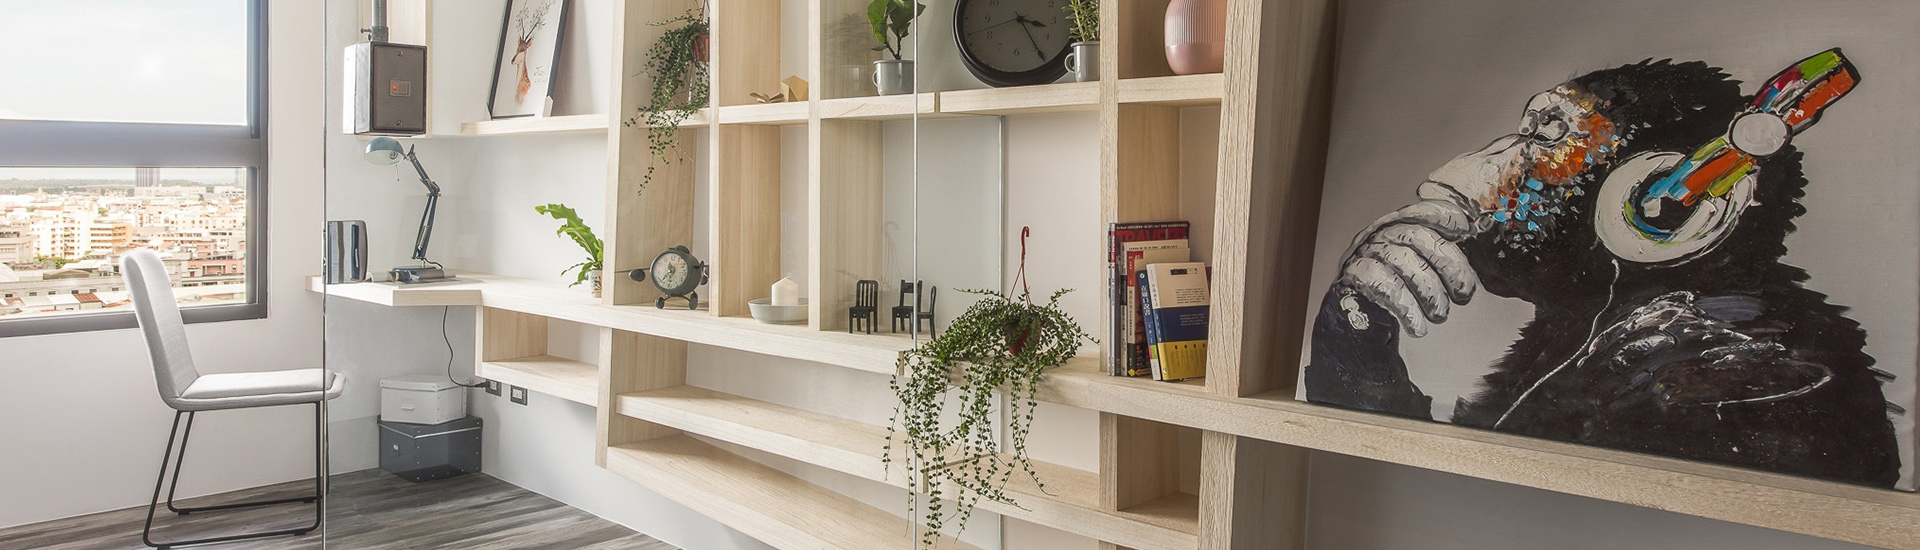 台南室內設計創造獨特生活美學|幫您打造夢想居家空間